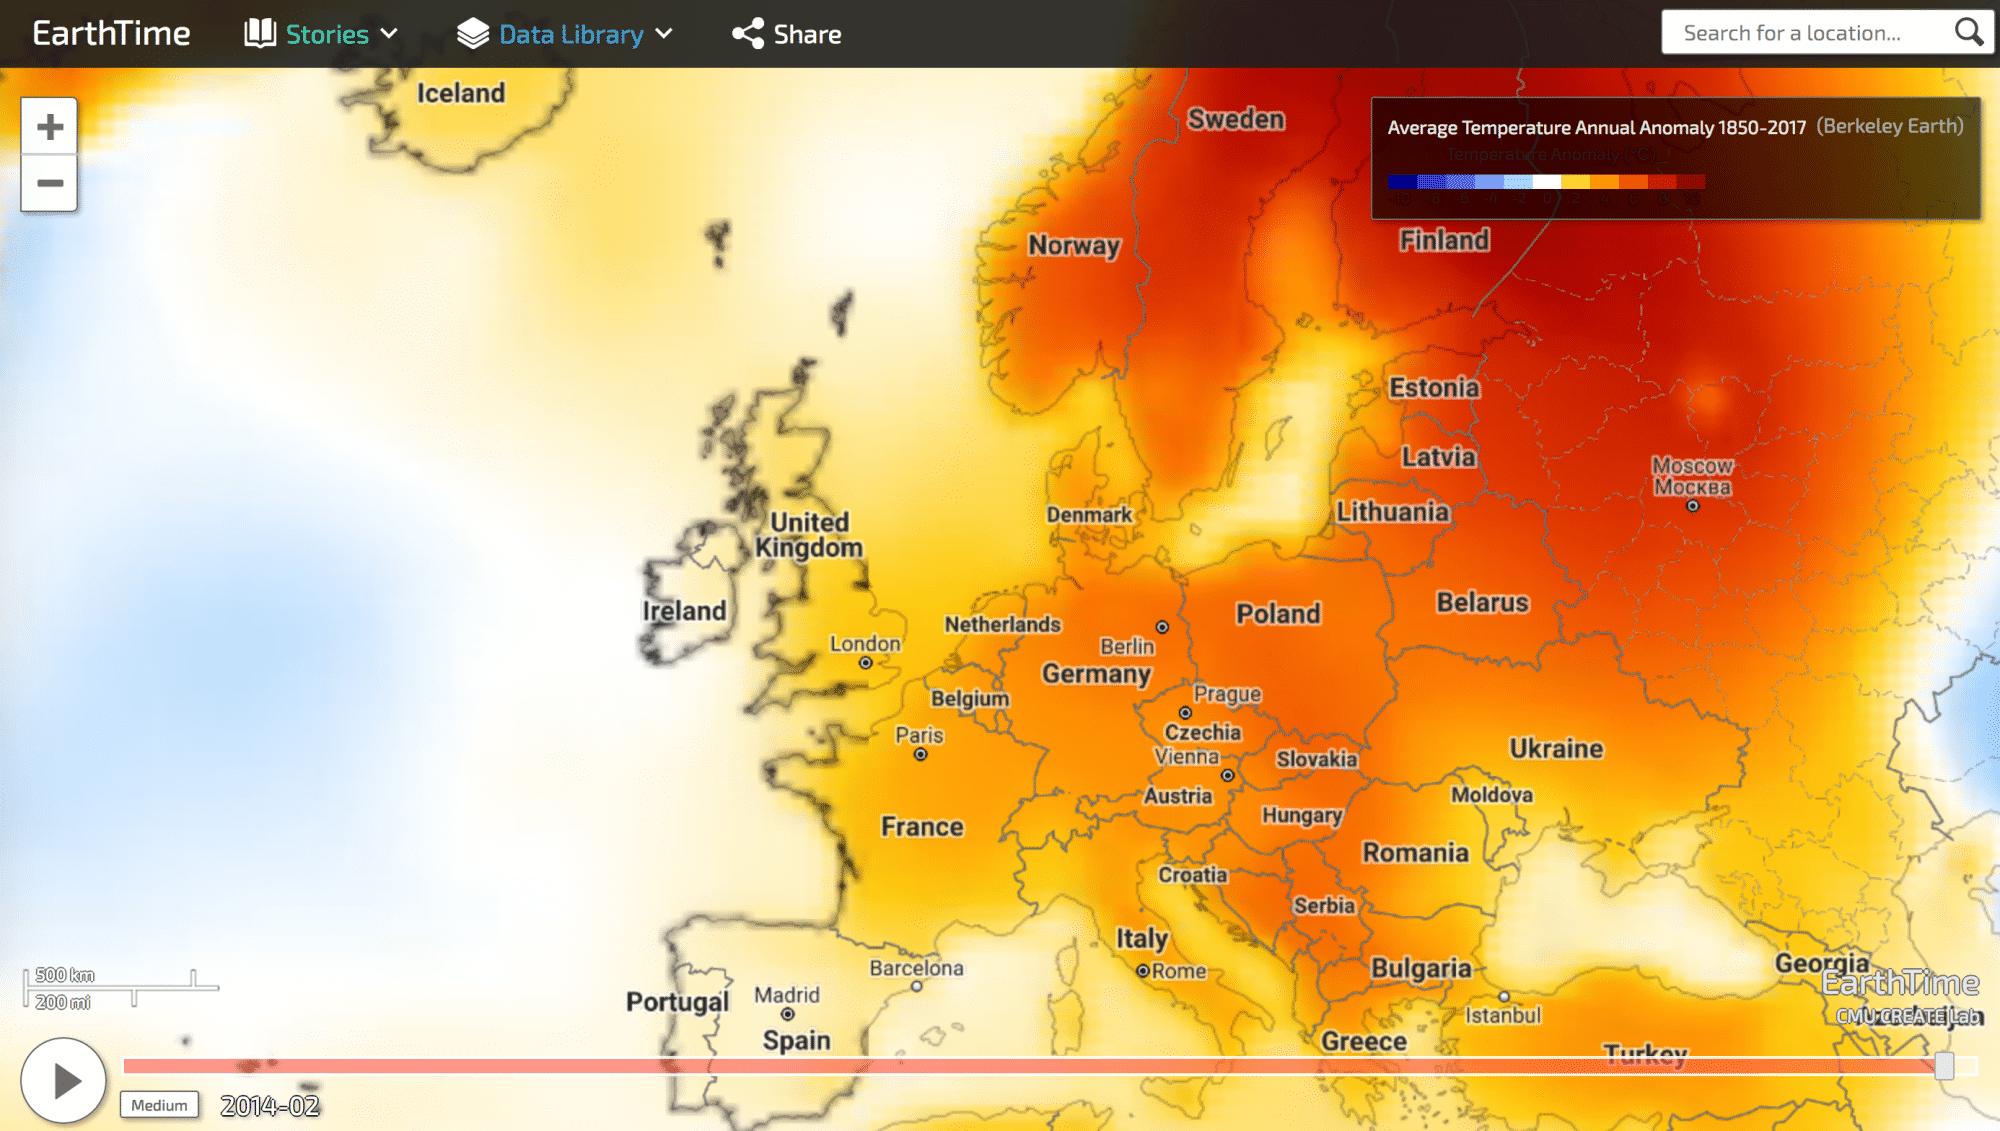 Temperaturanomalie: EarthTime nutzt Daten für ein grafisches Overlay über die Weltkarte und zeigt hier eine realtiv zu hohe Temperatur für einen Zeitraum.